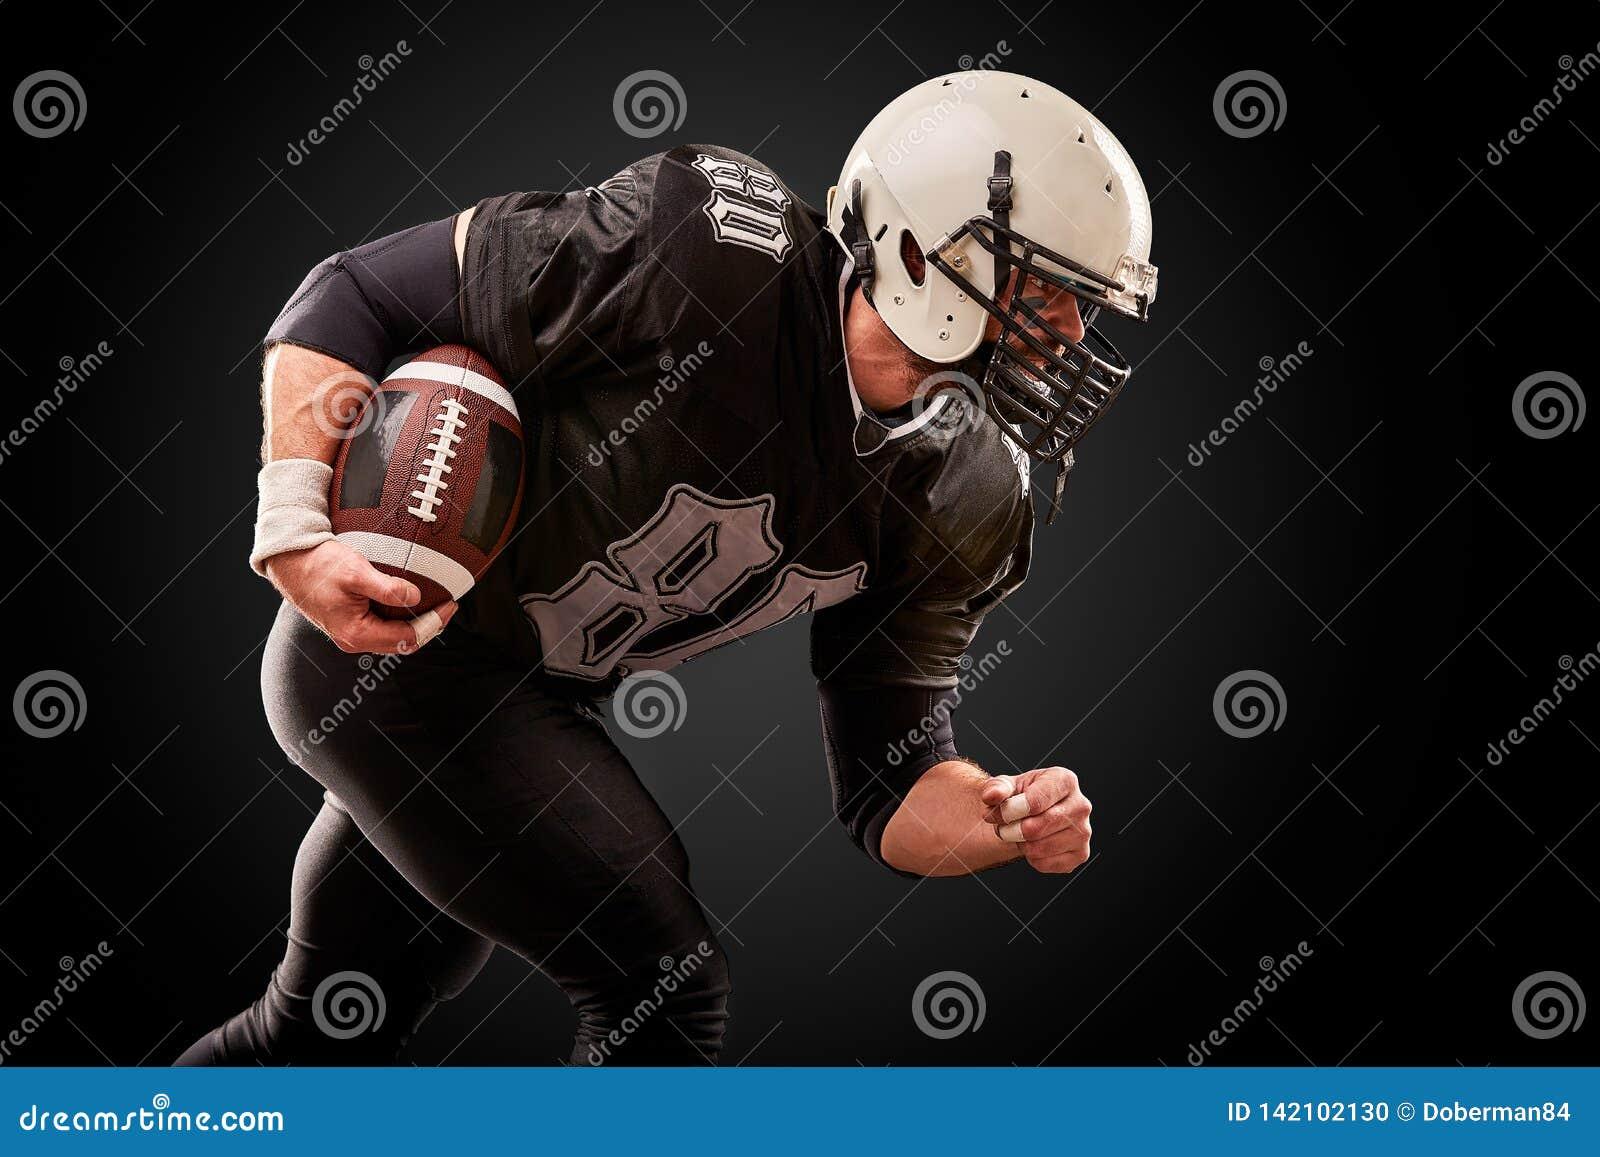 Il giocatore di football americano in uniforme scura con la palla sta preparando attaccare su un fondo nero